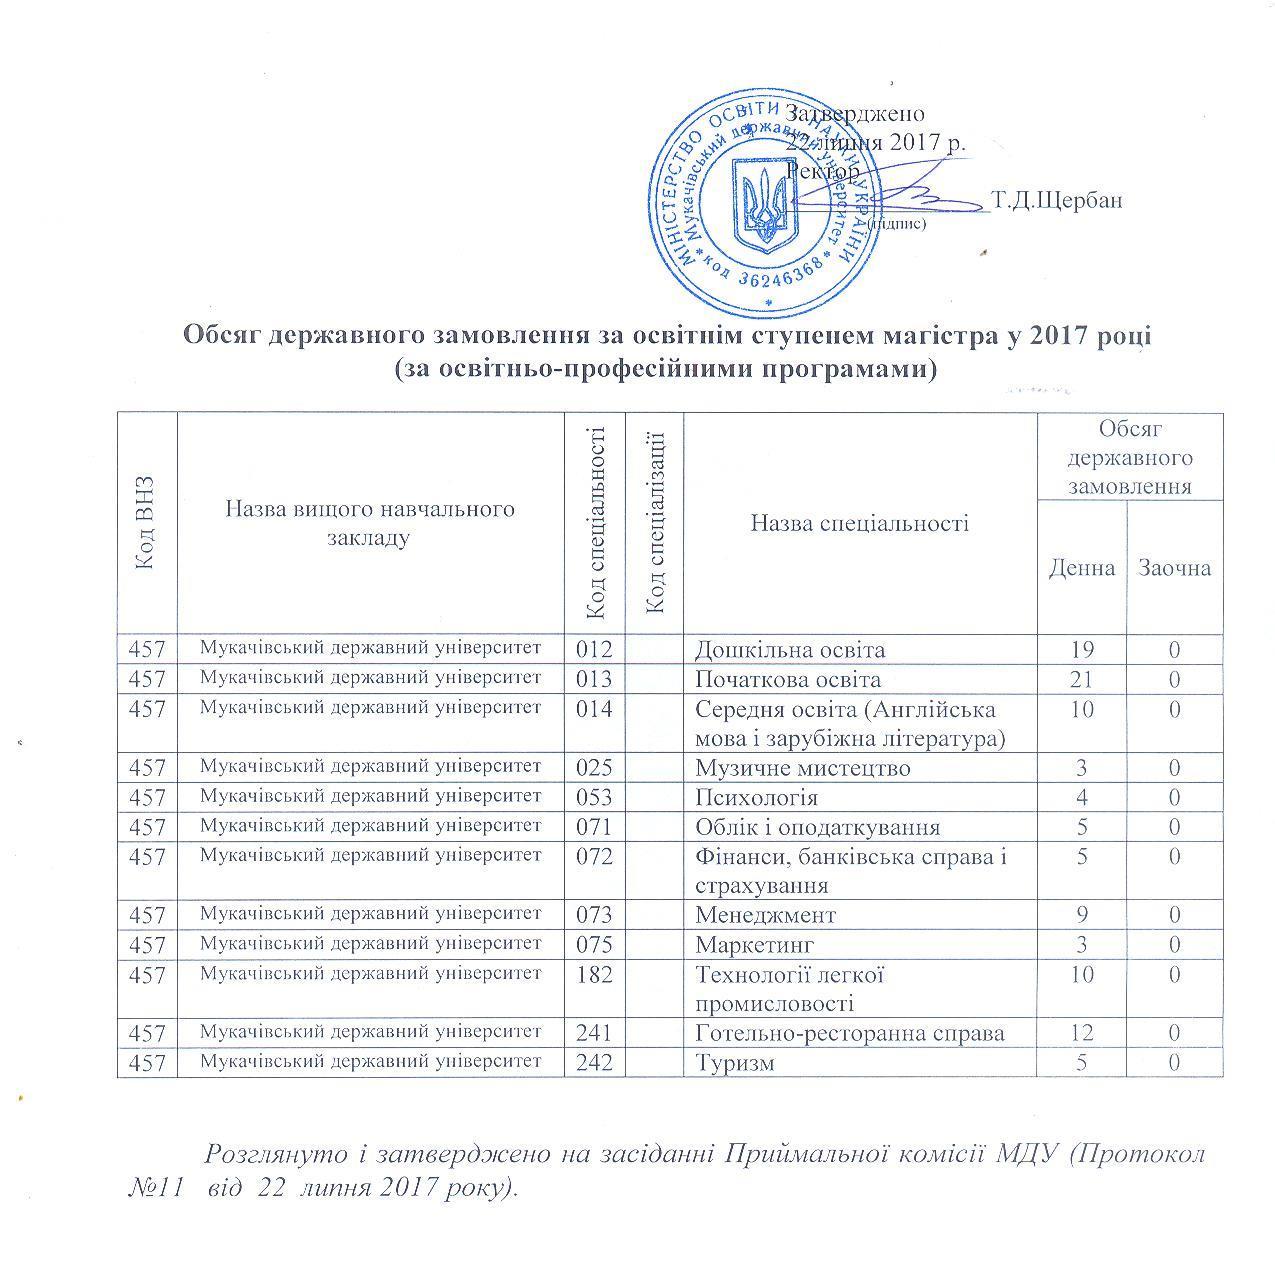 Обсяг державного замовлення у магістратуру МДУ